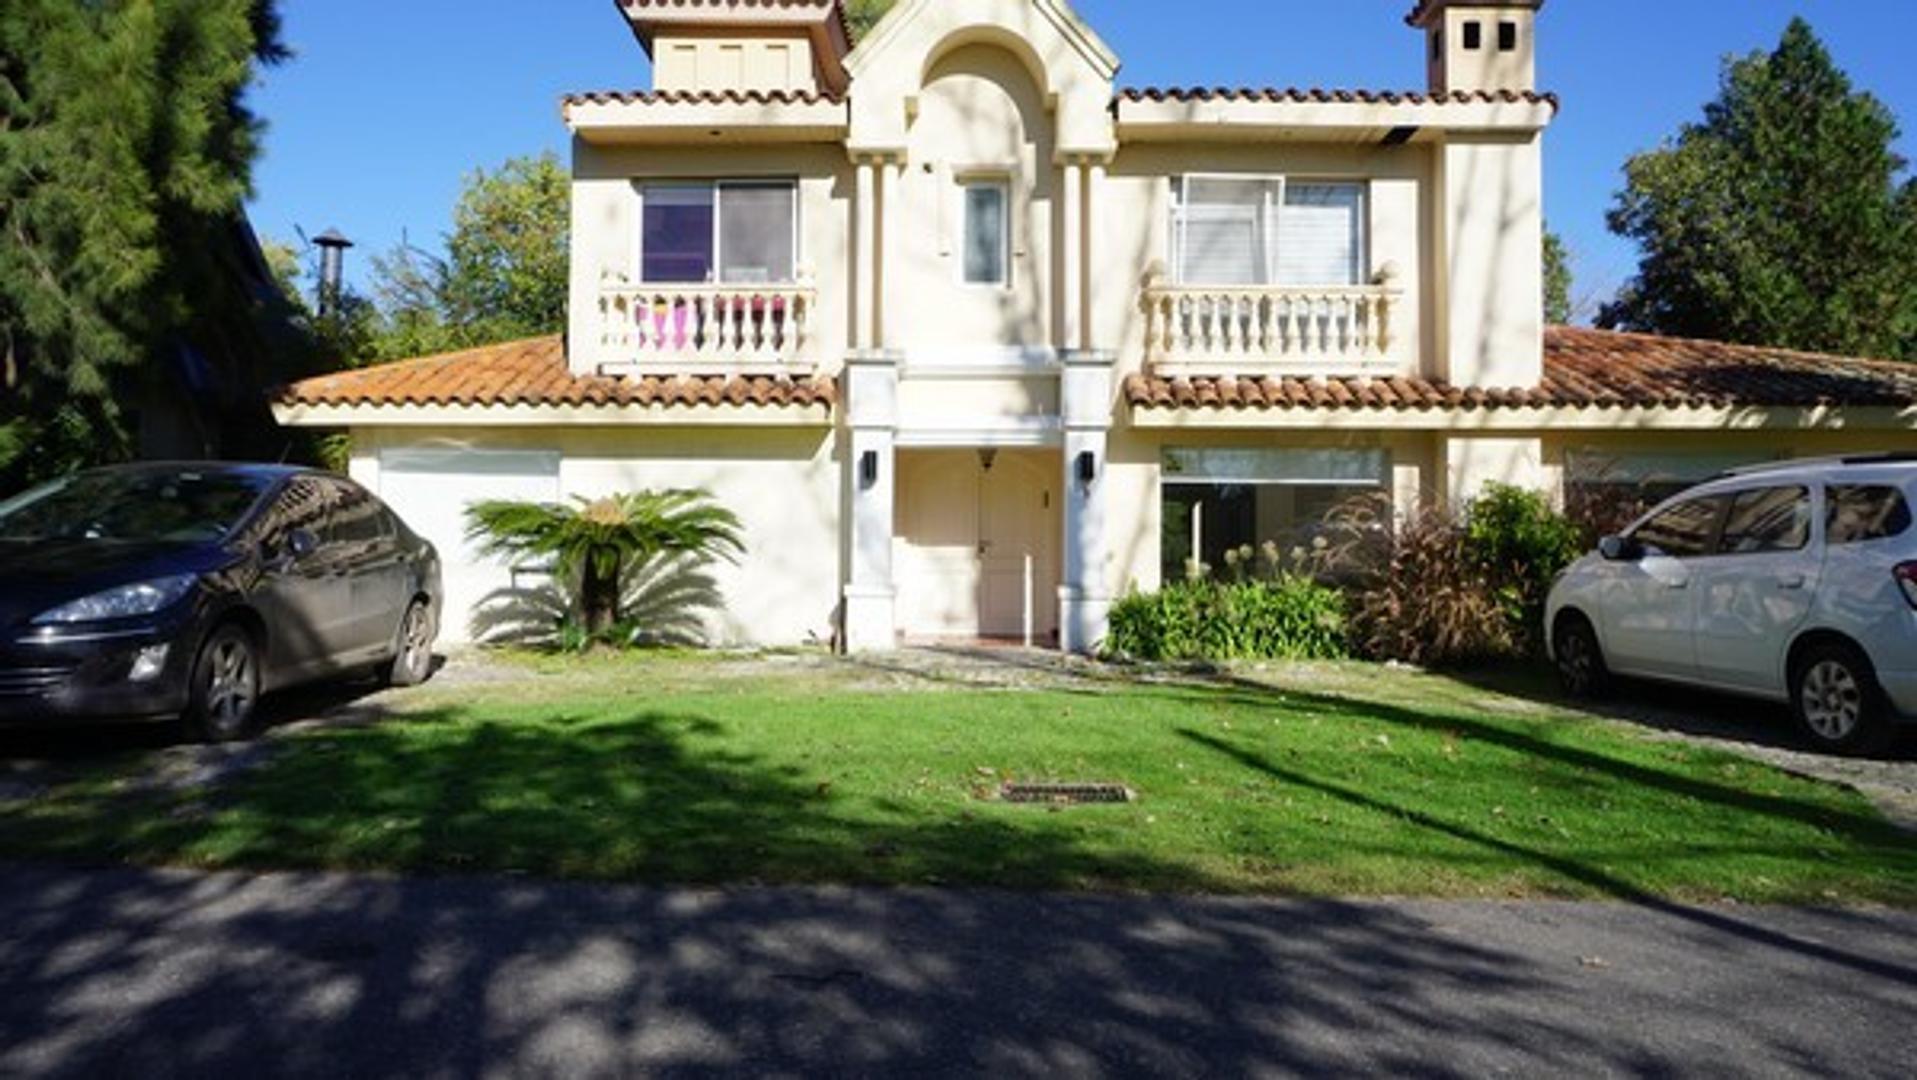 Casa en Venta en Miraflores - 6 ambientes